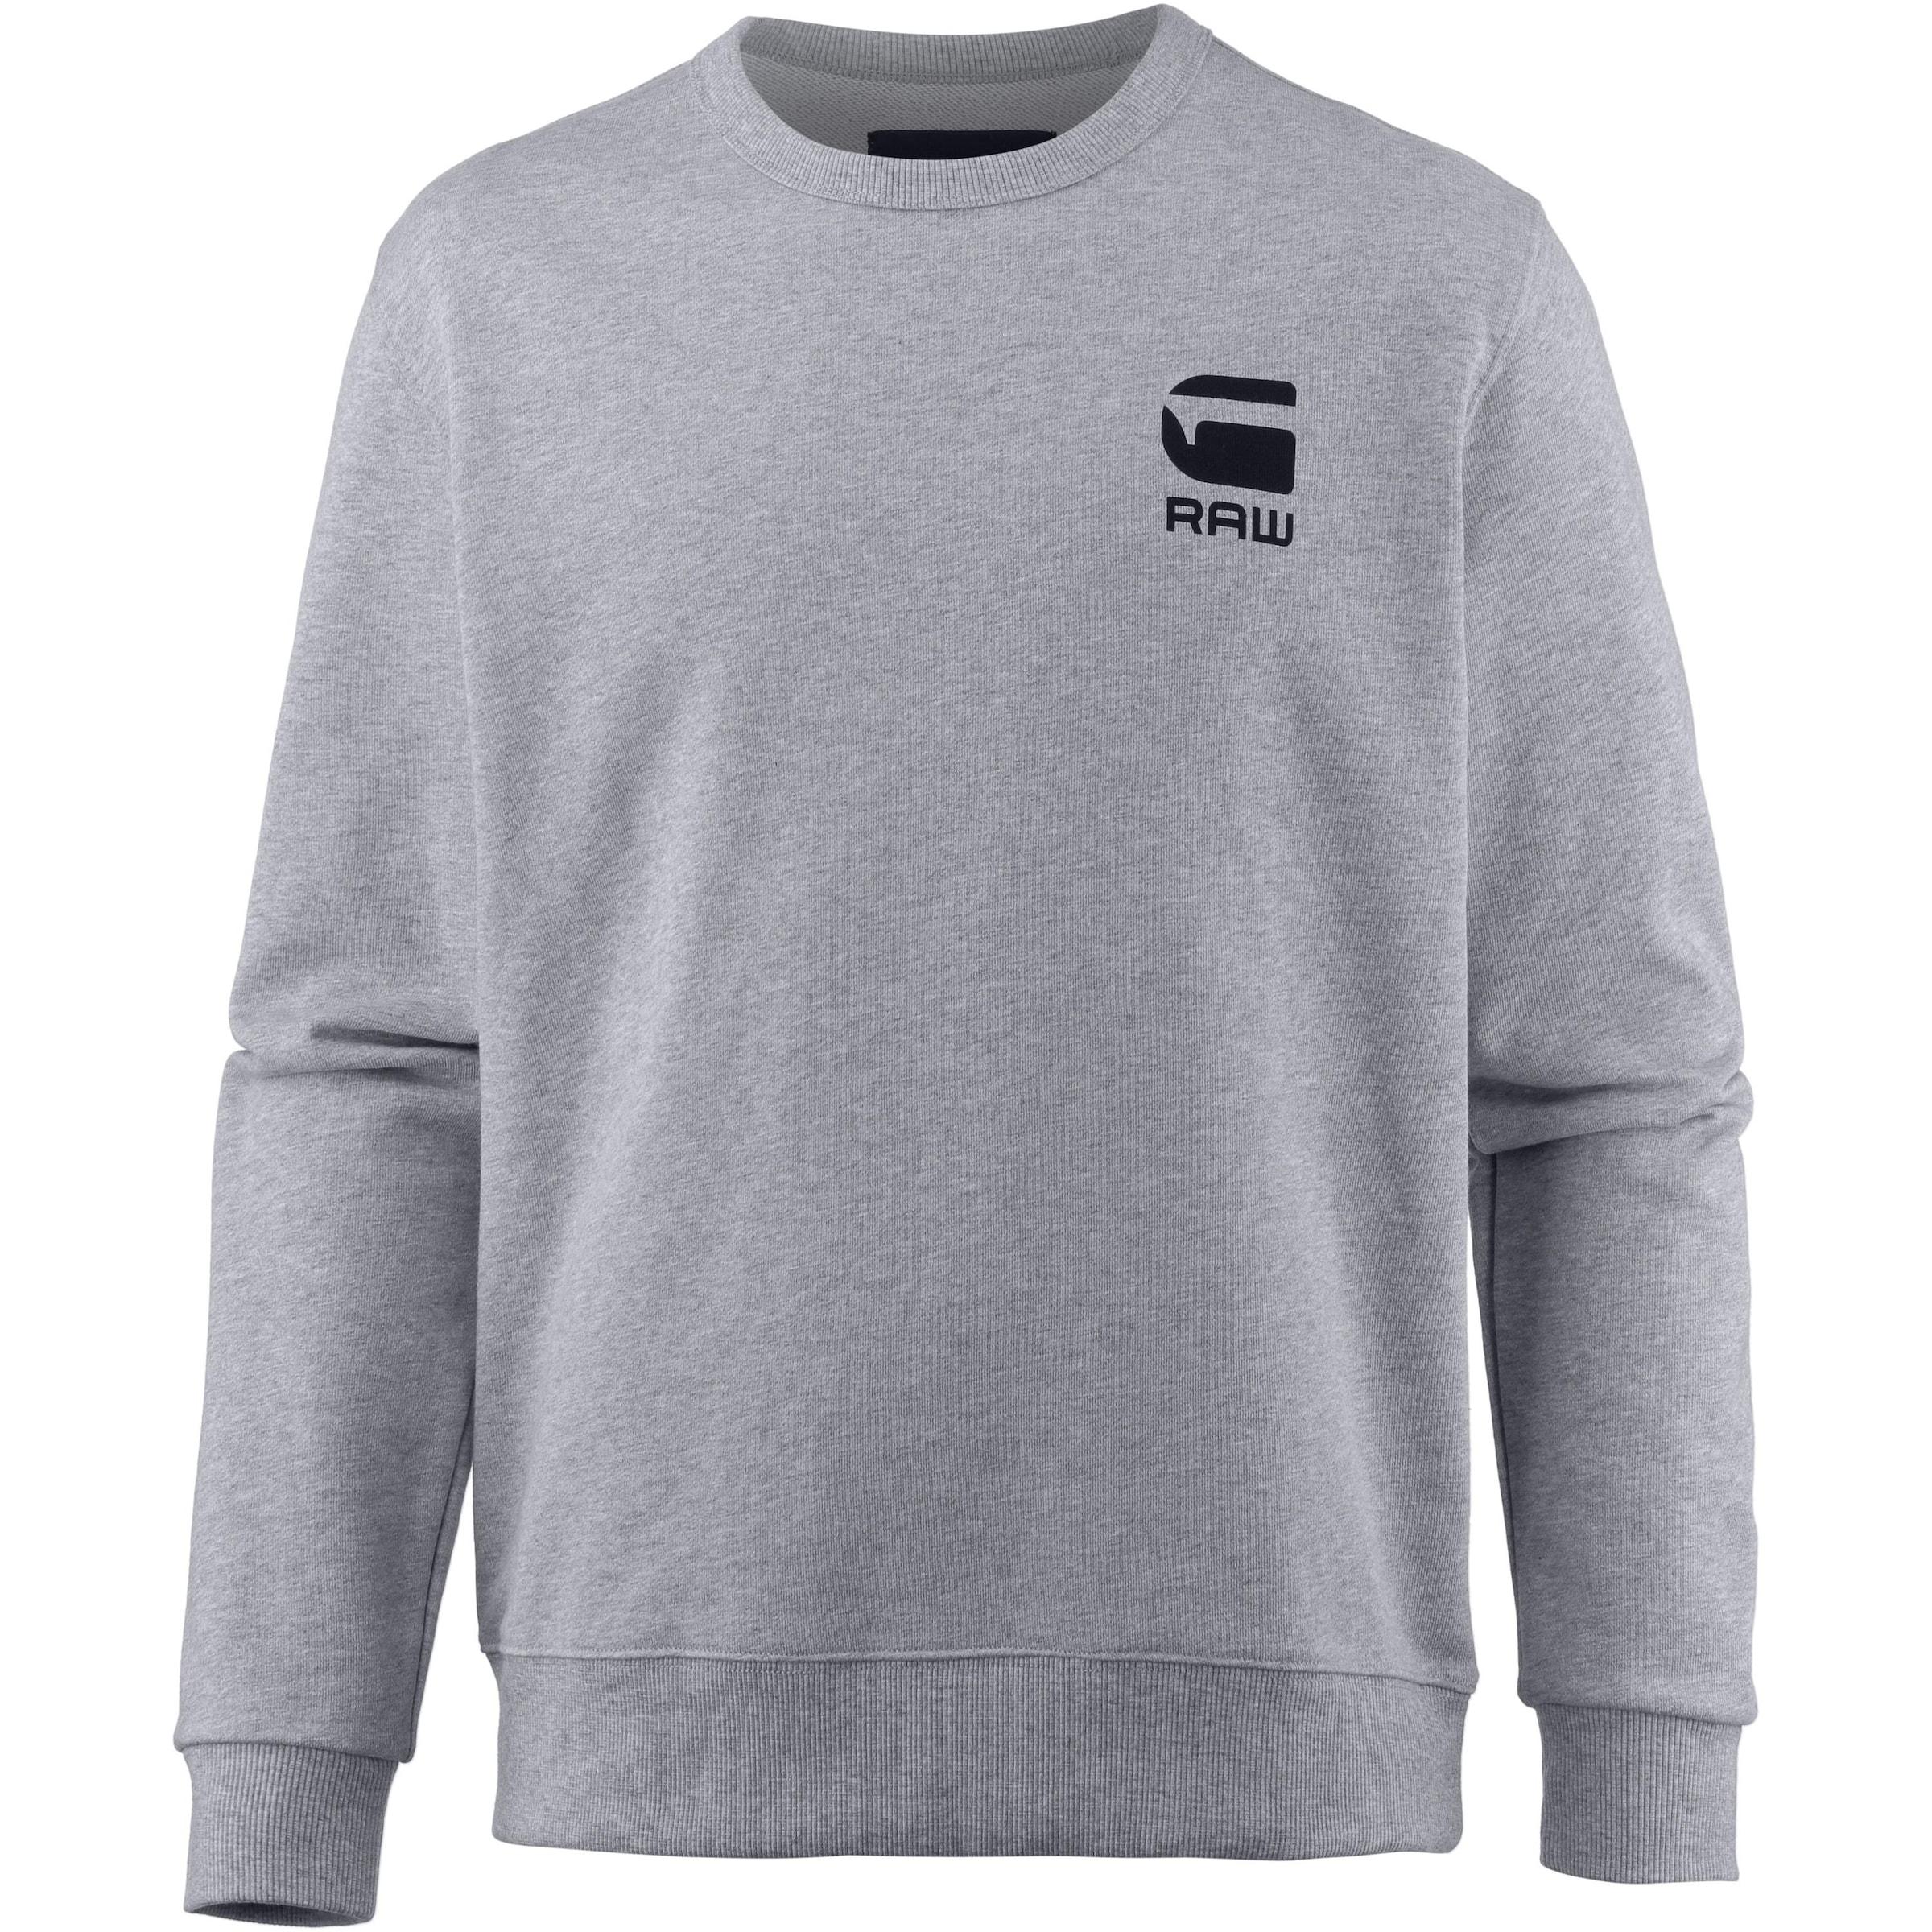 100% Zum Verkauf Garantiert Offiziell G-STAR RAW G-Star DOAX Sweatshirt Herren Footlocker Marktfähig Günstiger Preis Neuesten Kollektionen SMJyWJ9fIs